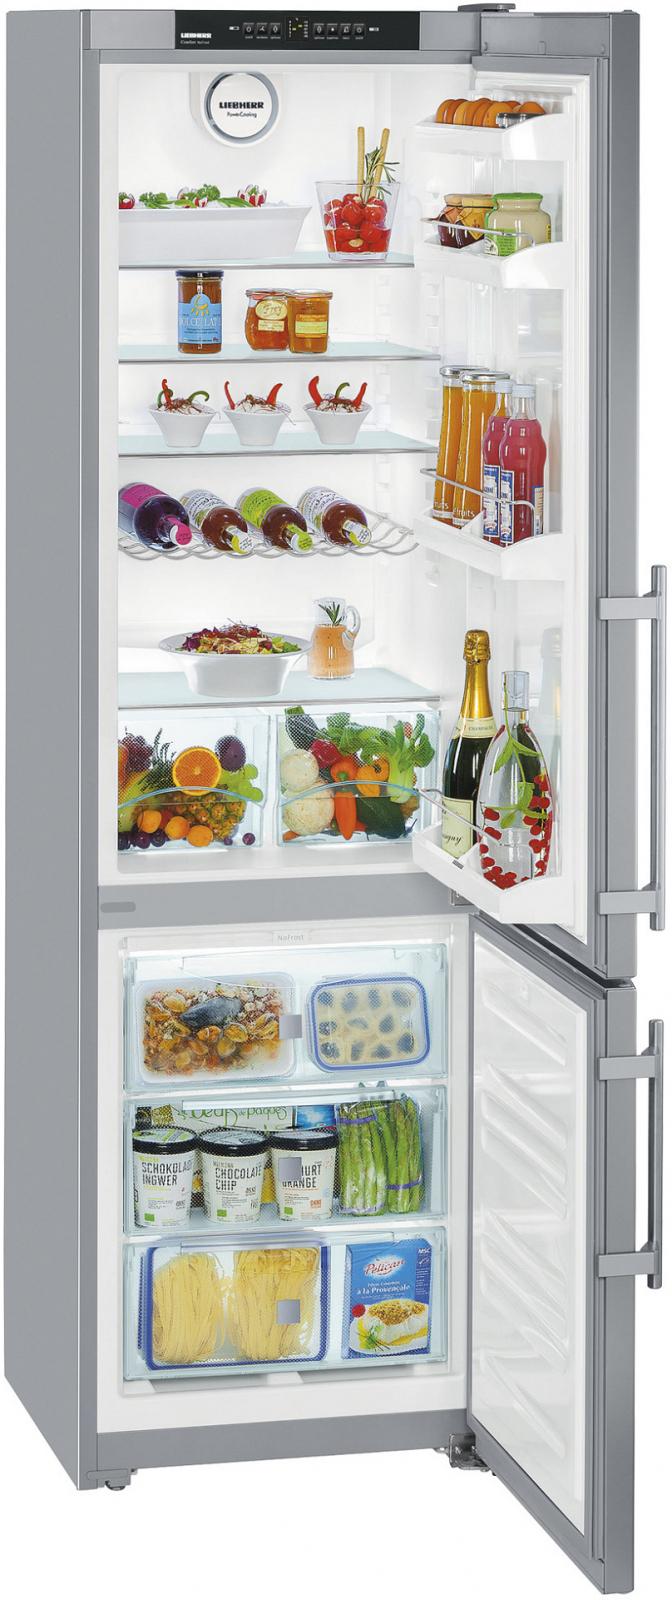 купить Двухкамерный холодильник Liebherr CNPesf 4003 Украина фото 0